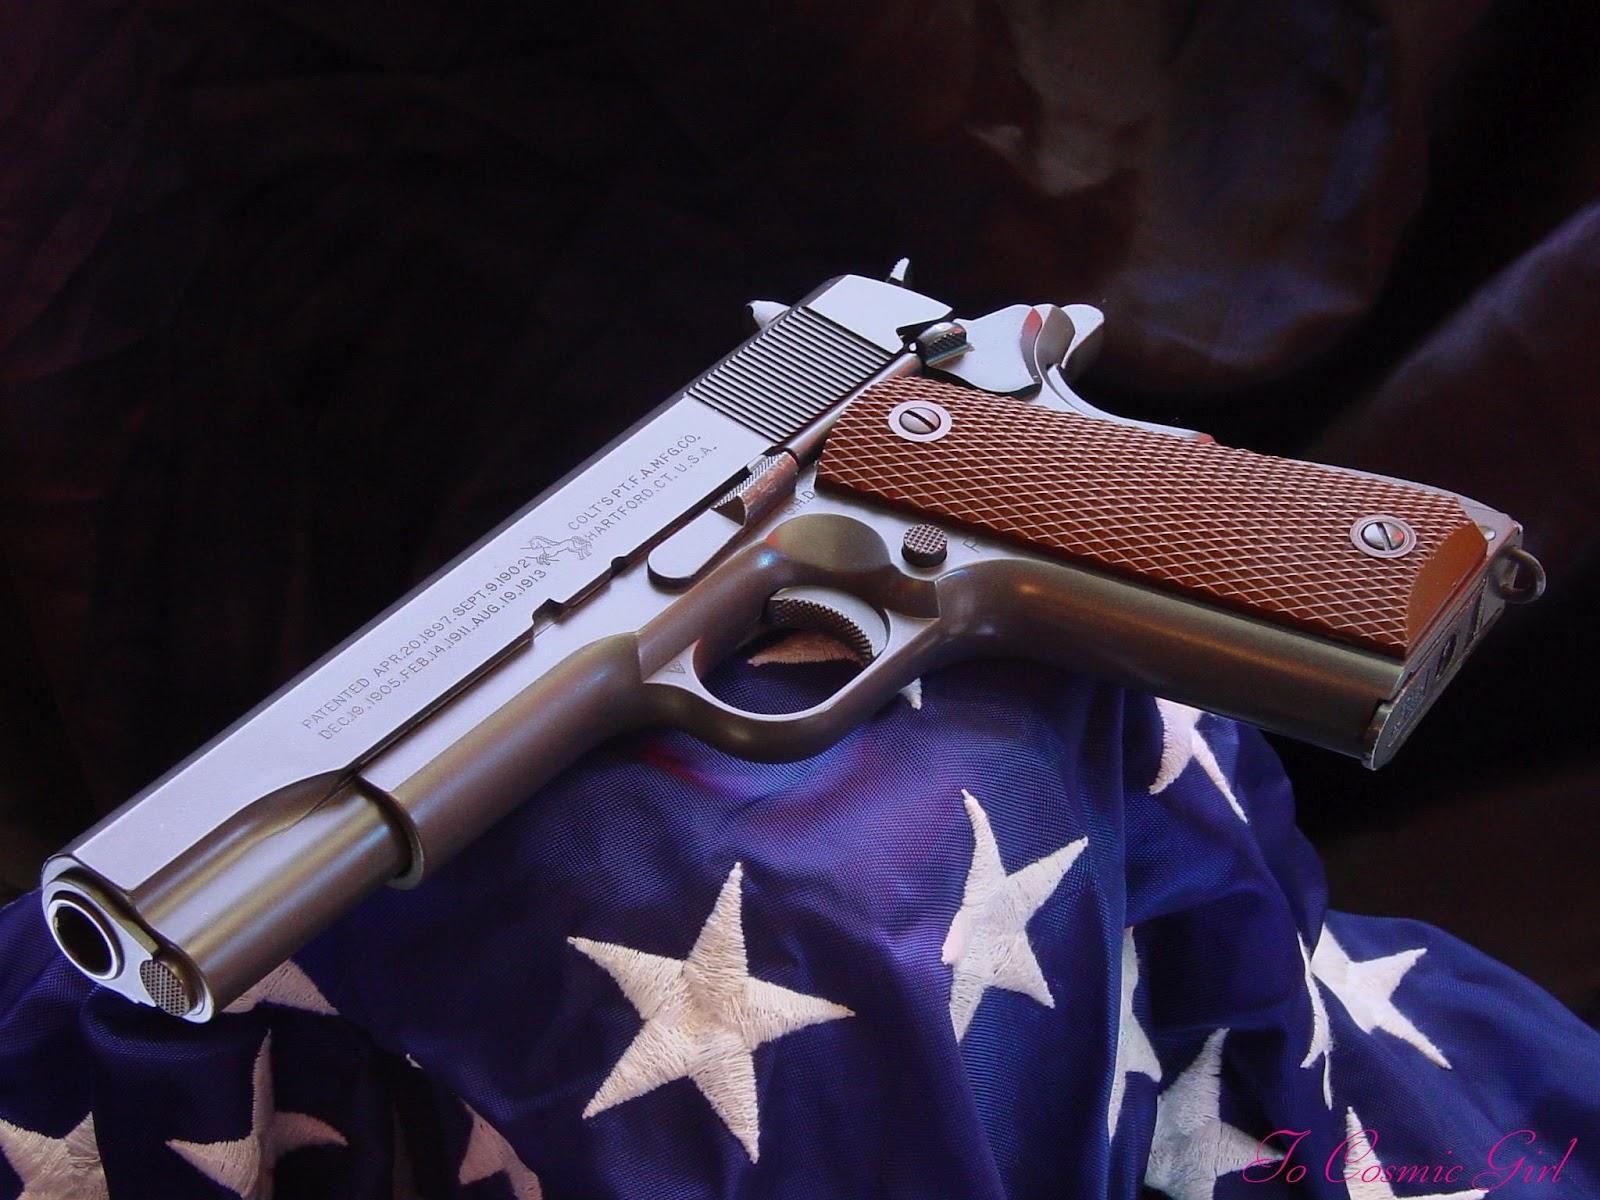 Colt 45 Wallpaper